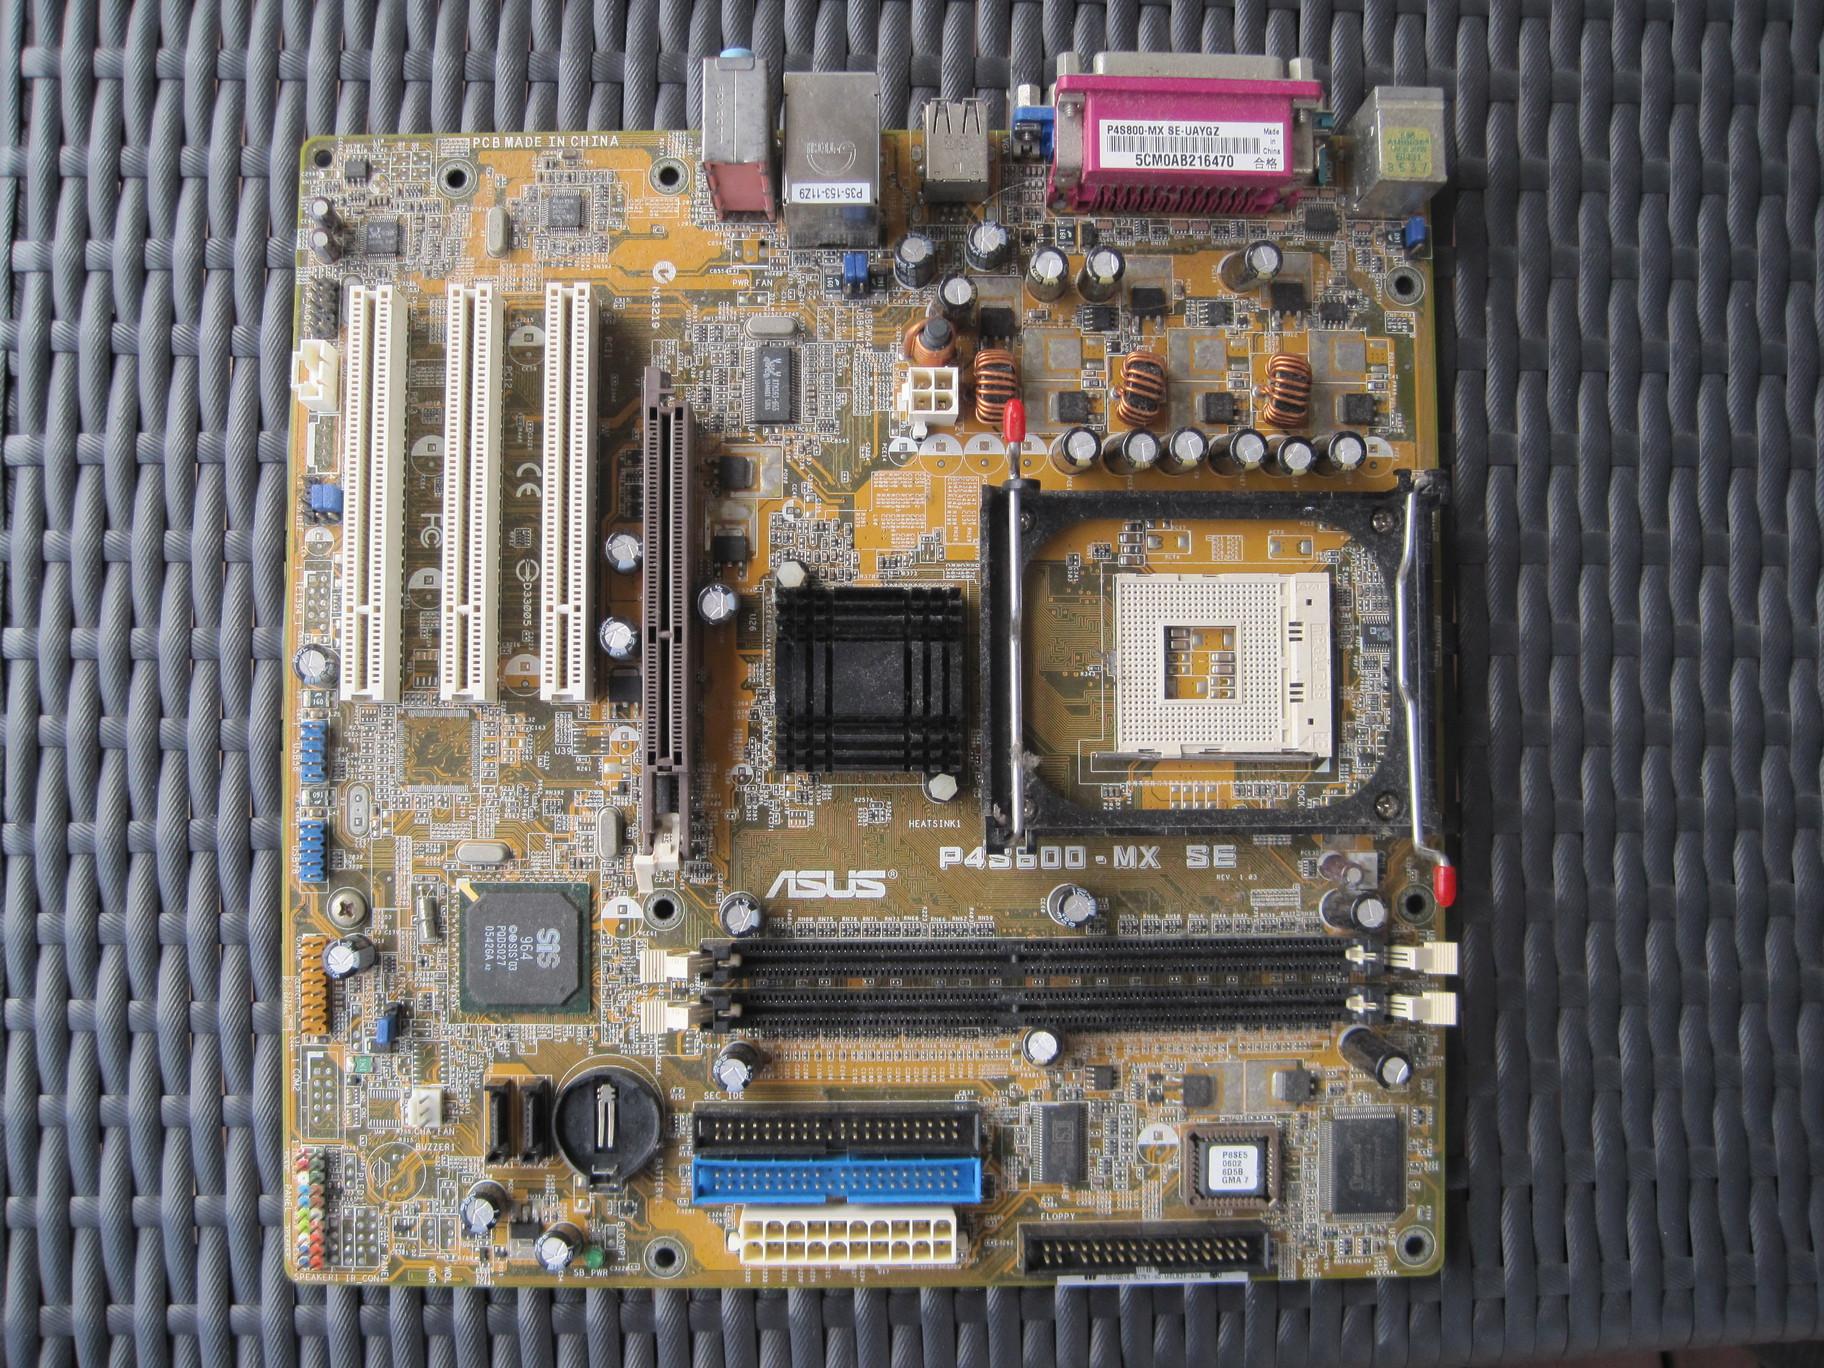 ASUS P4S800-MX SE SOUND WINDOWS 8 DRIVER